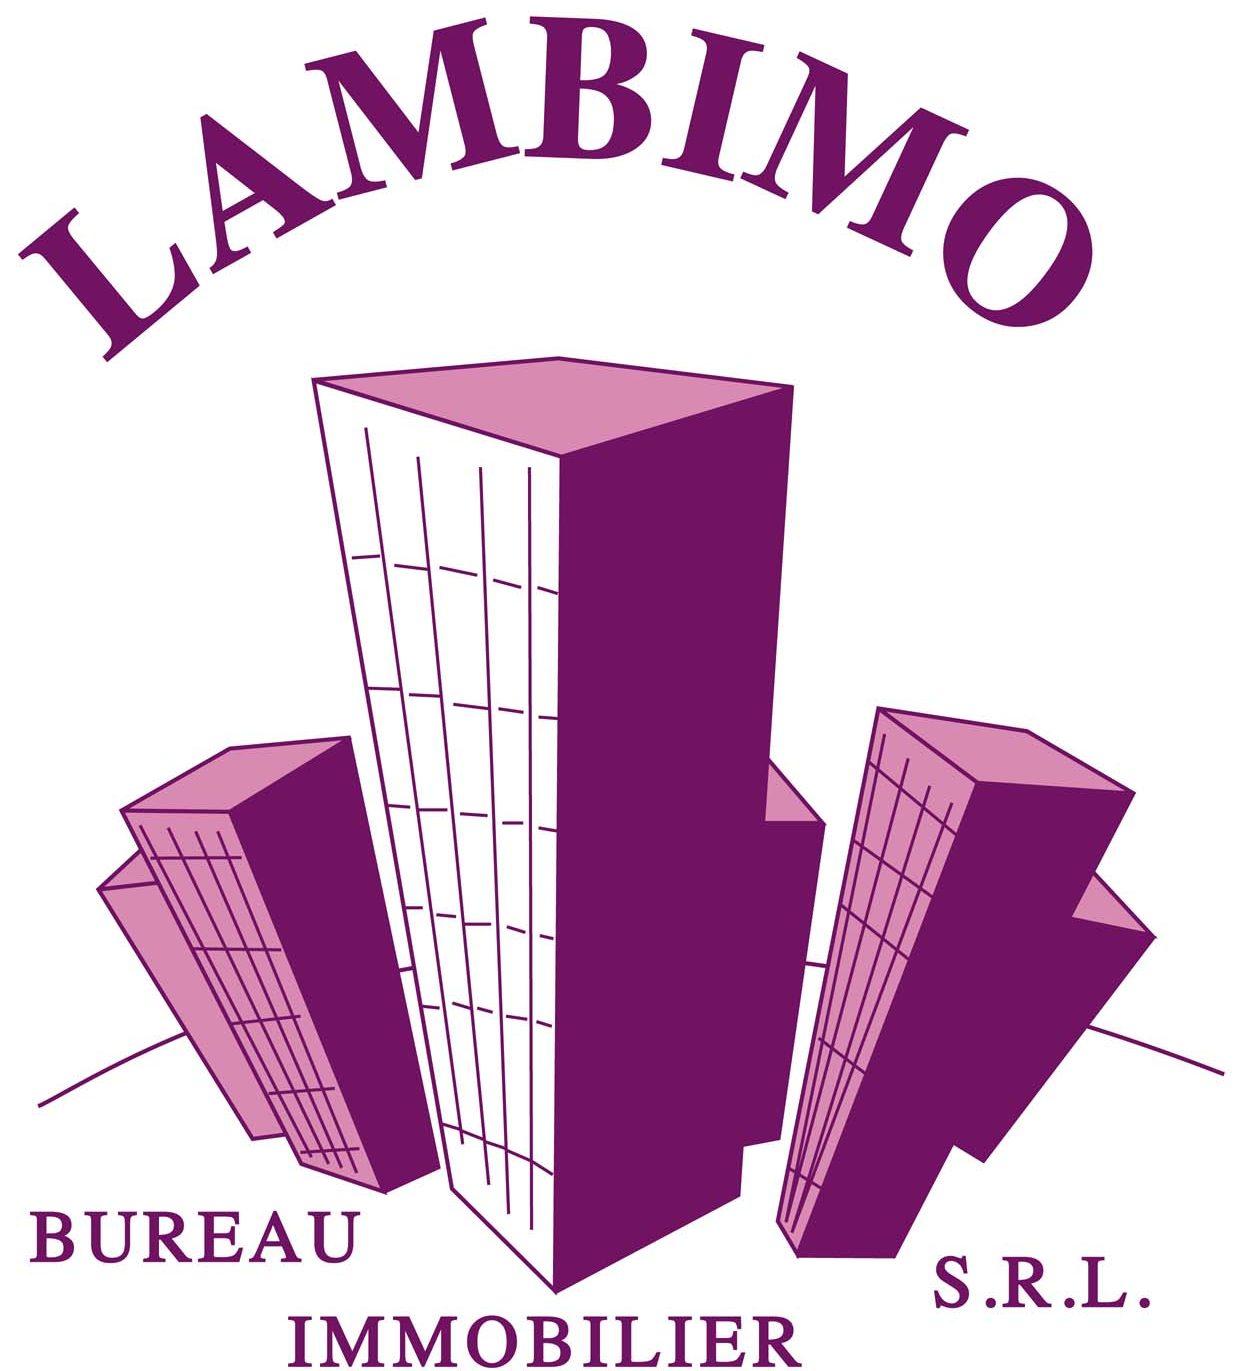 Lambimo